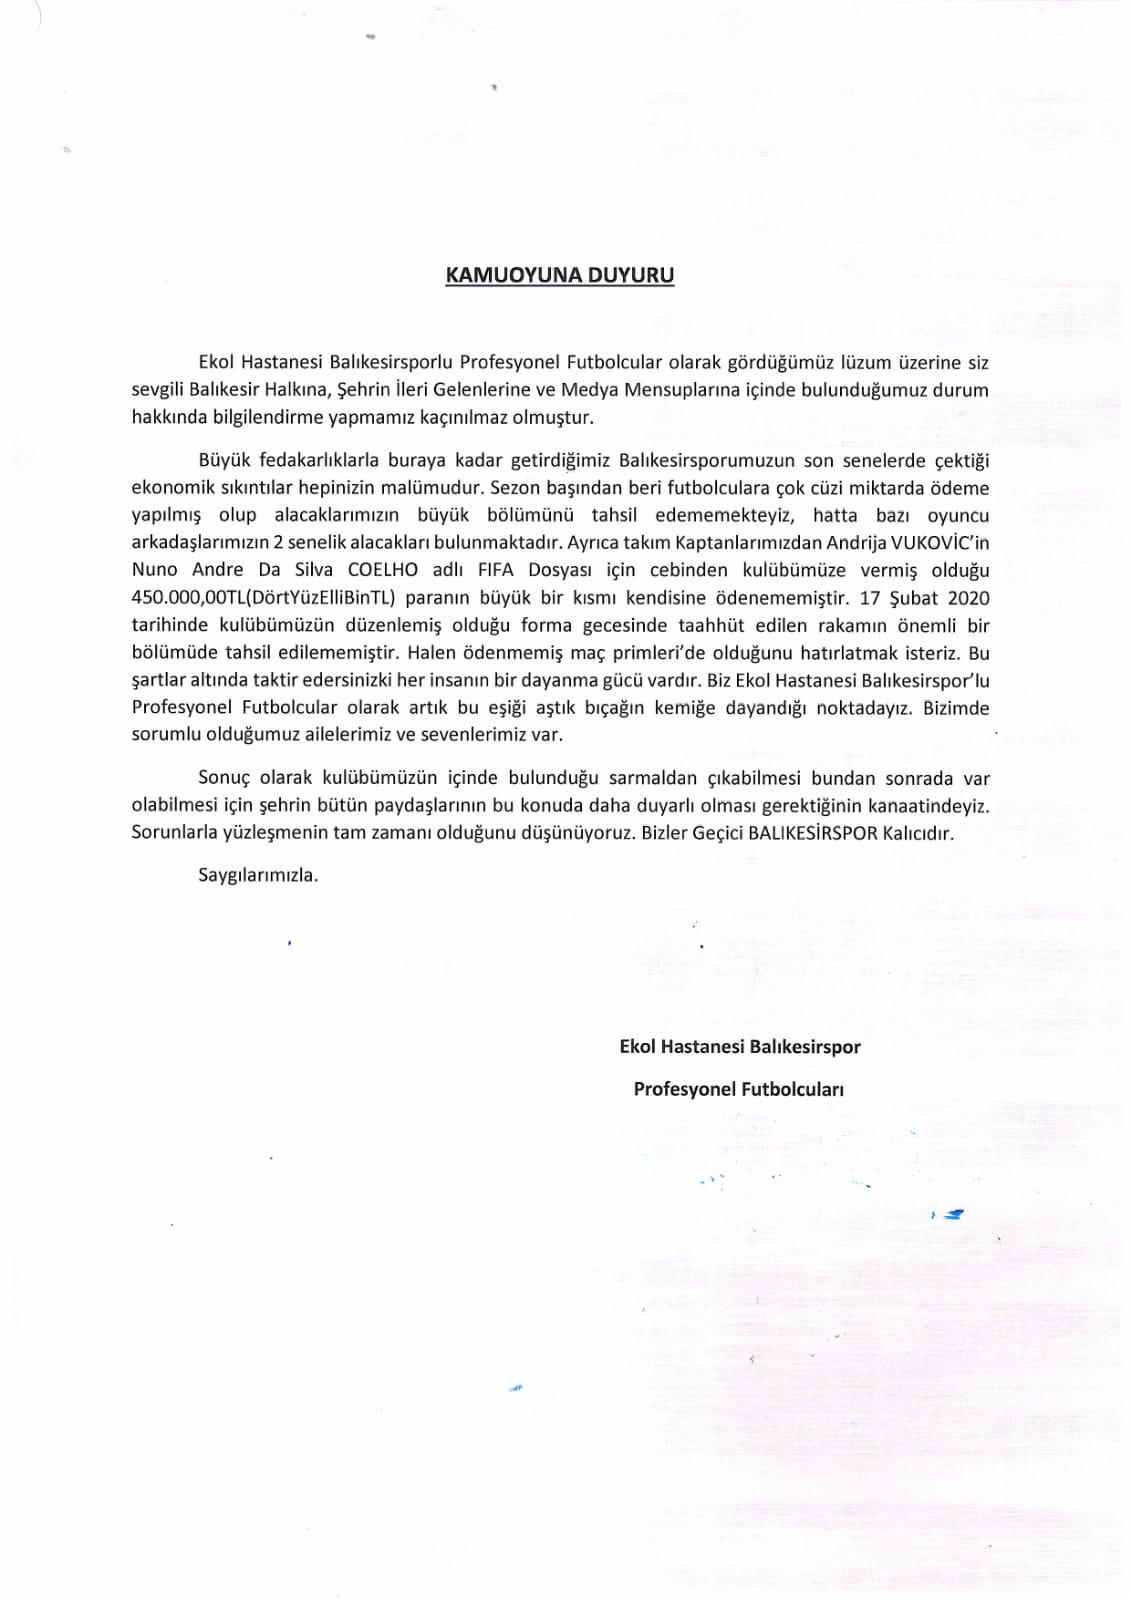 Balıkesirsporlu futbolcuların ortak yayınladıkları bildiri şu şekilde: